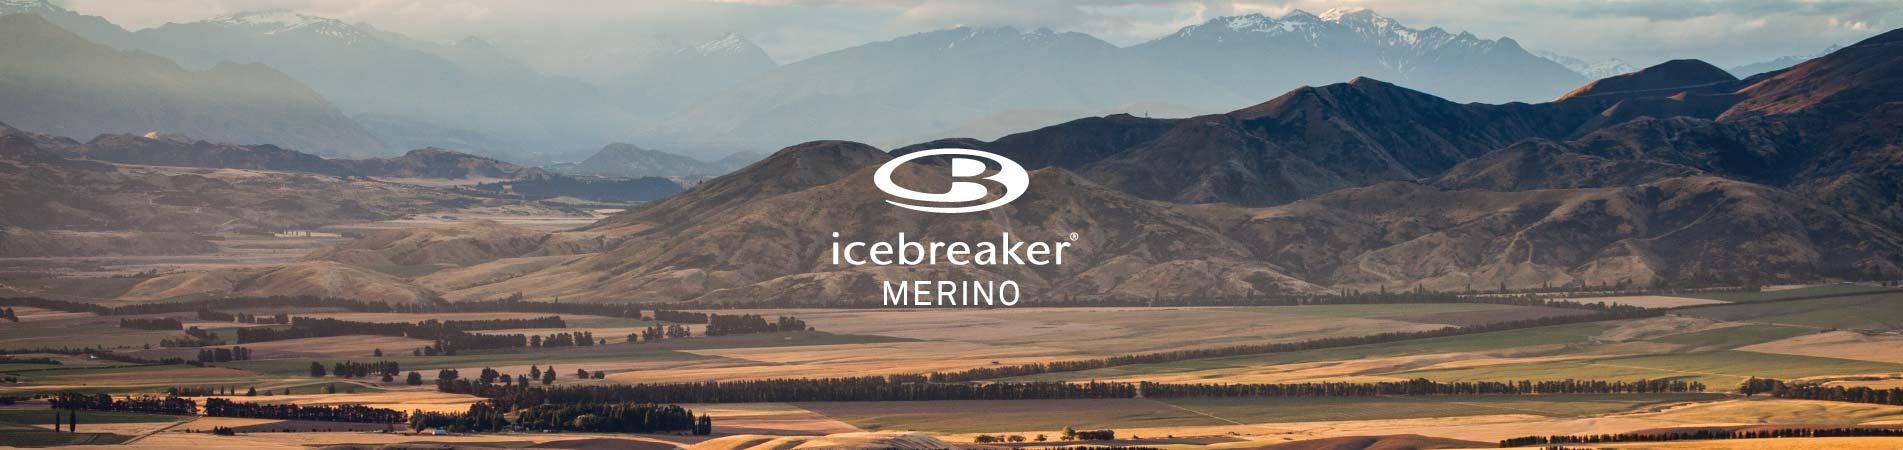 icebreaker-brand-banner-v1r0.jpg